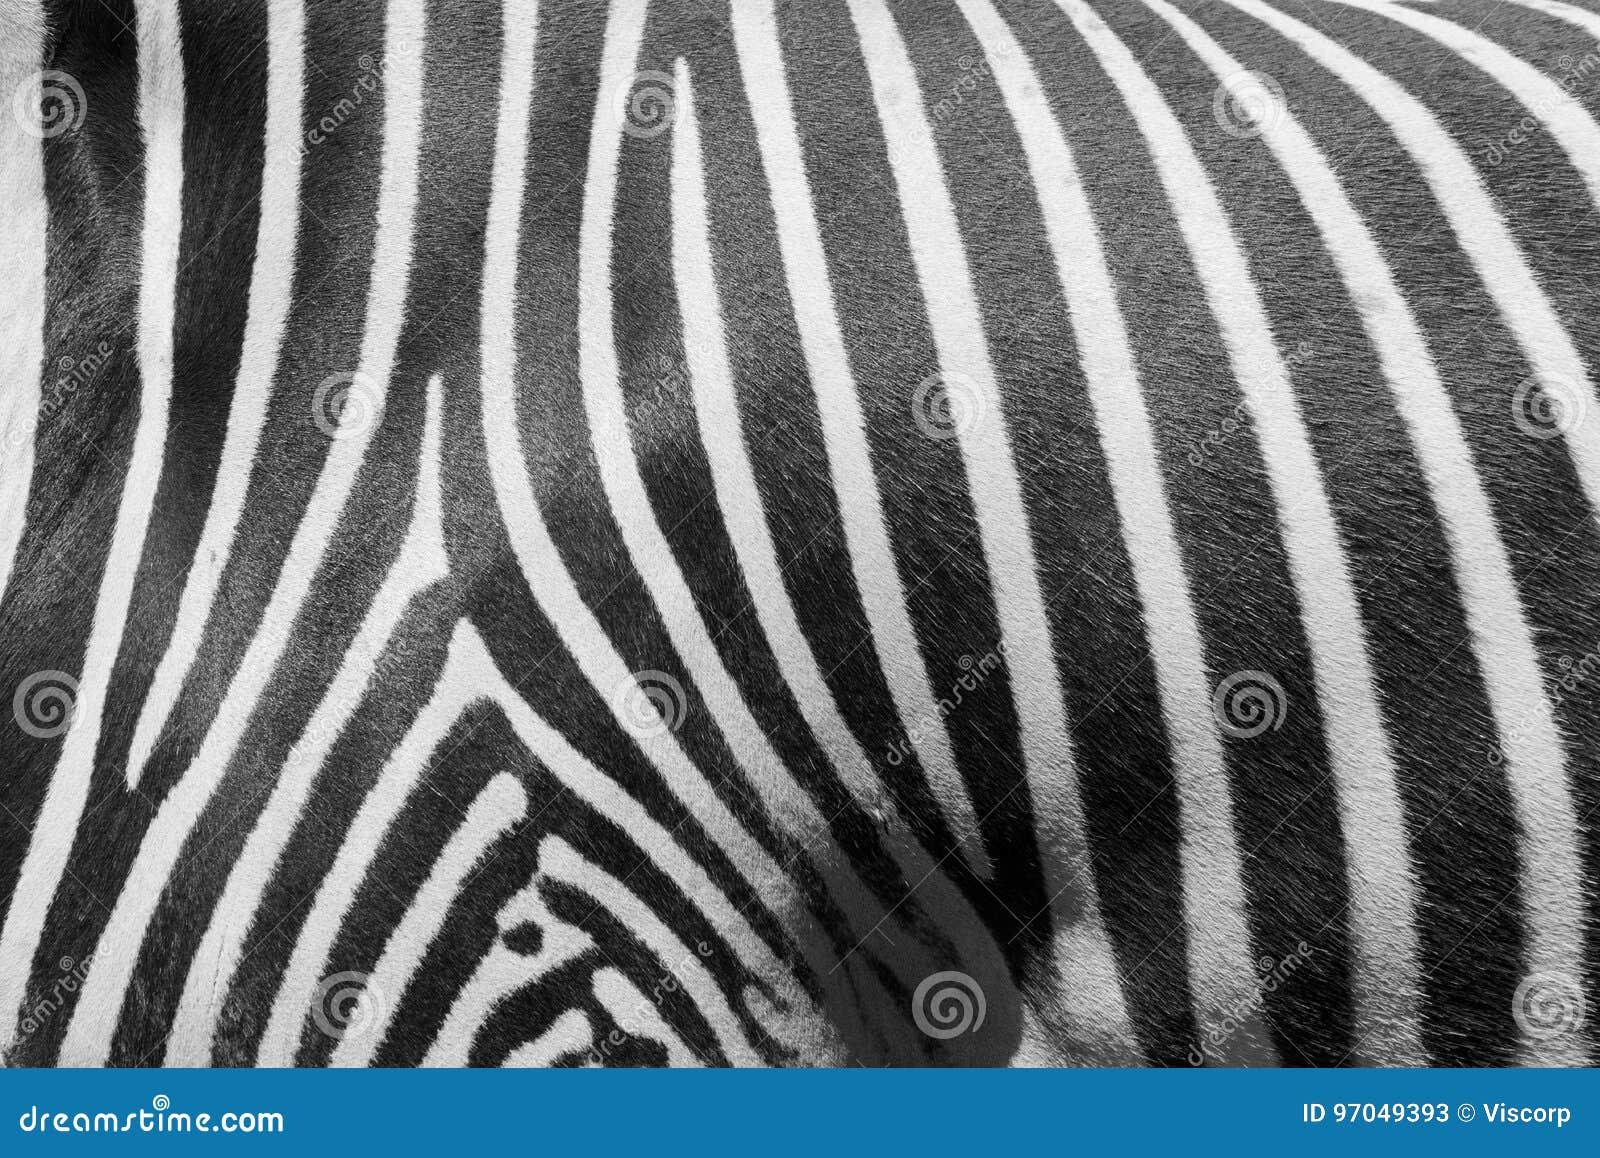 Modello della zebra